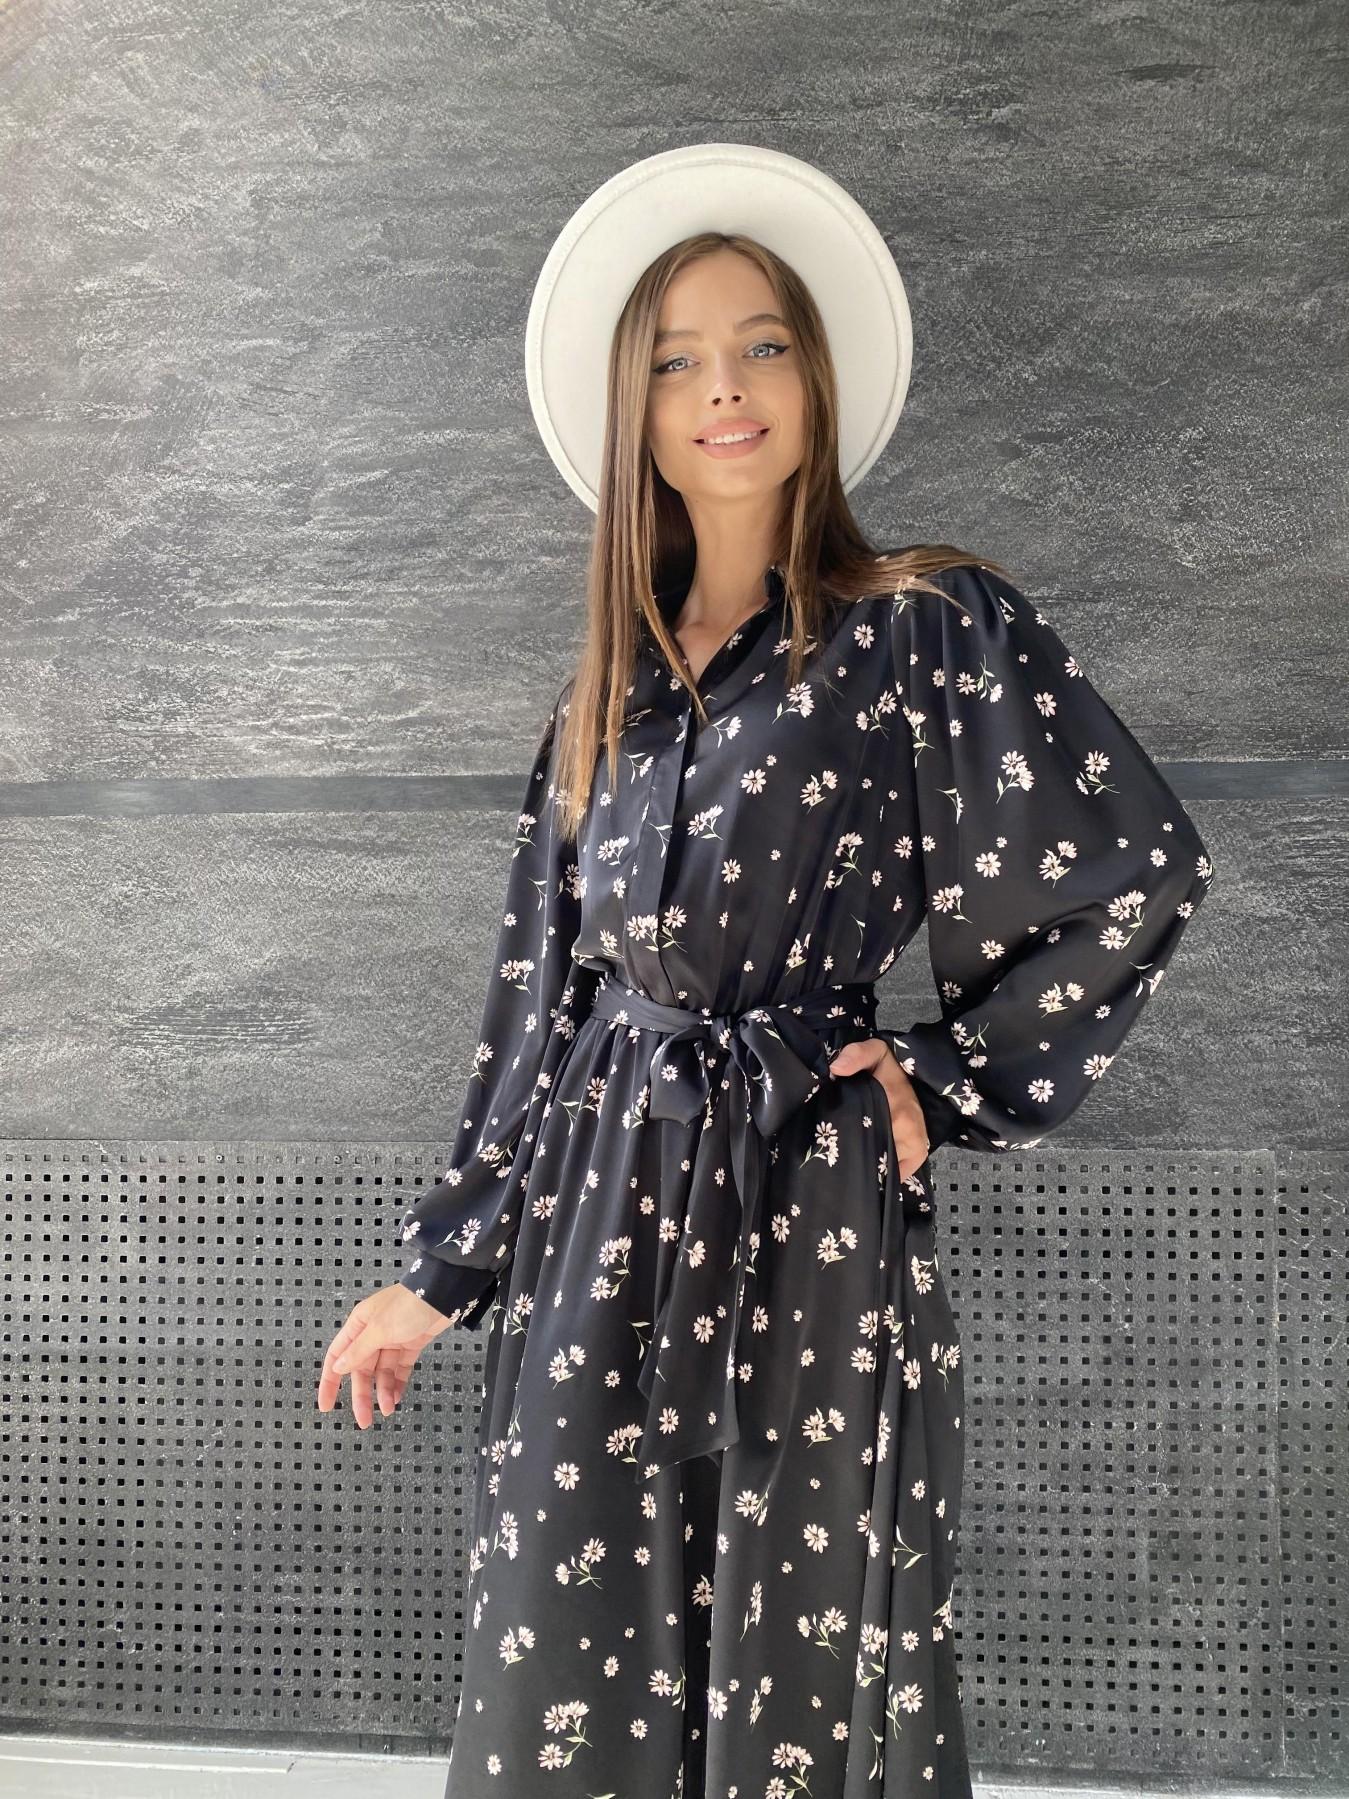 Жасмин д/р шелк принт платье 11716 АРТ. 48417 Цвет: Черный/пудра/хризантема - фото 3, интернет магазин tm-modus.ru